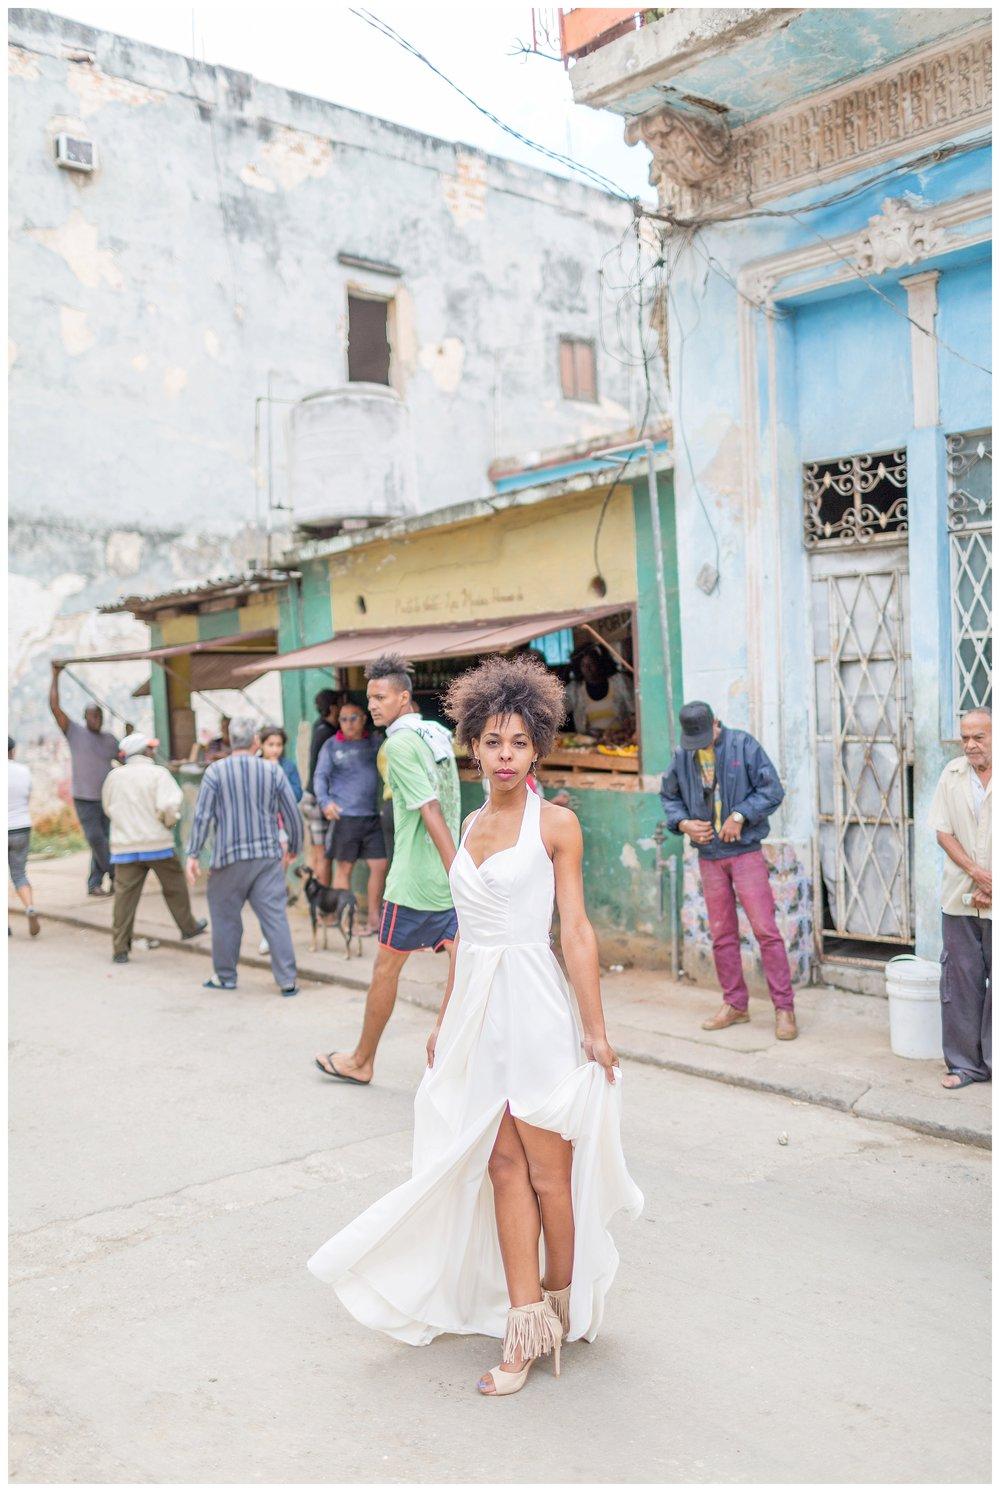 Cuba Editorial Photo Shoot_0028.jpg